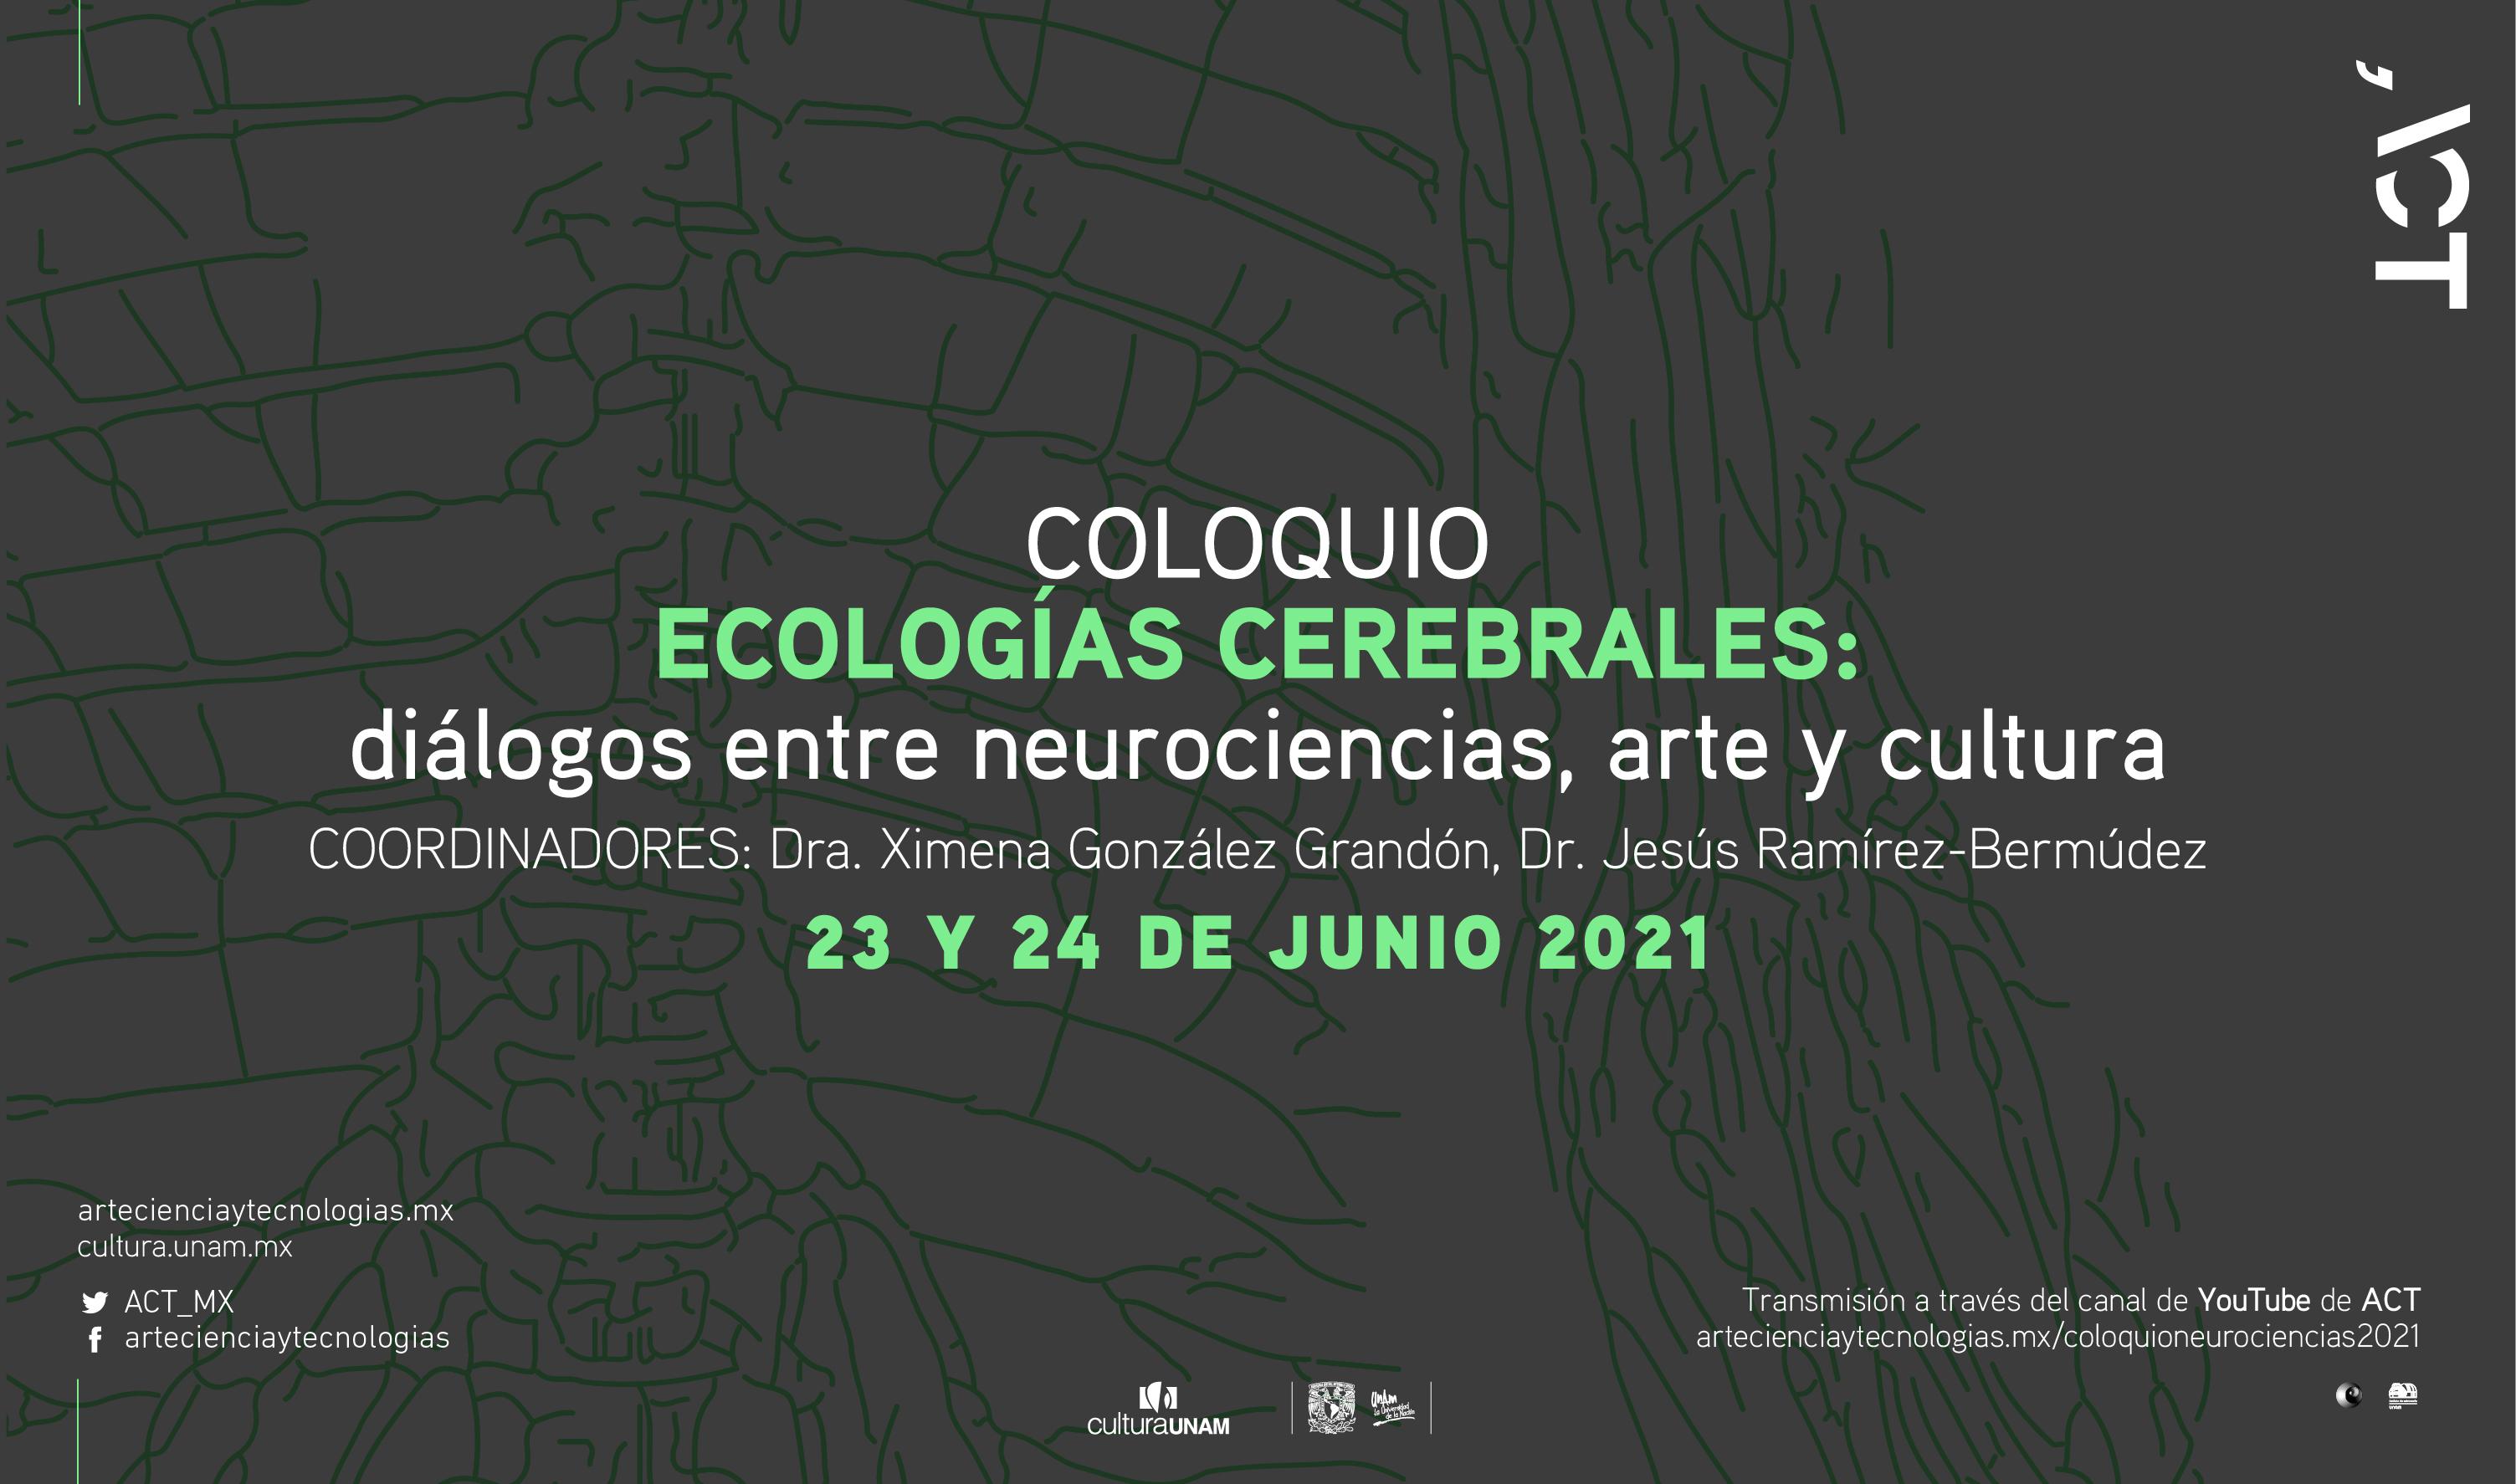 Coloquio Ecologías cerebrales: diálogos entre neurociencias, arte y cultura